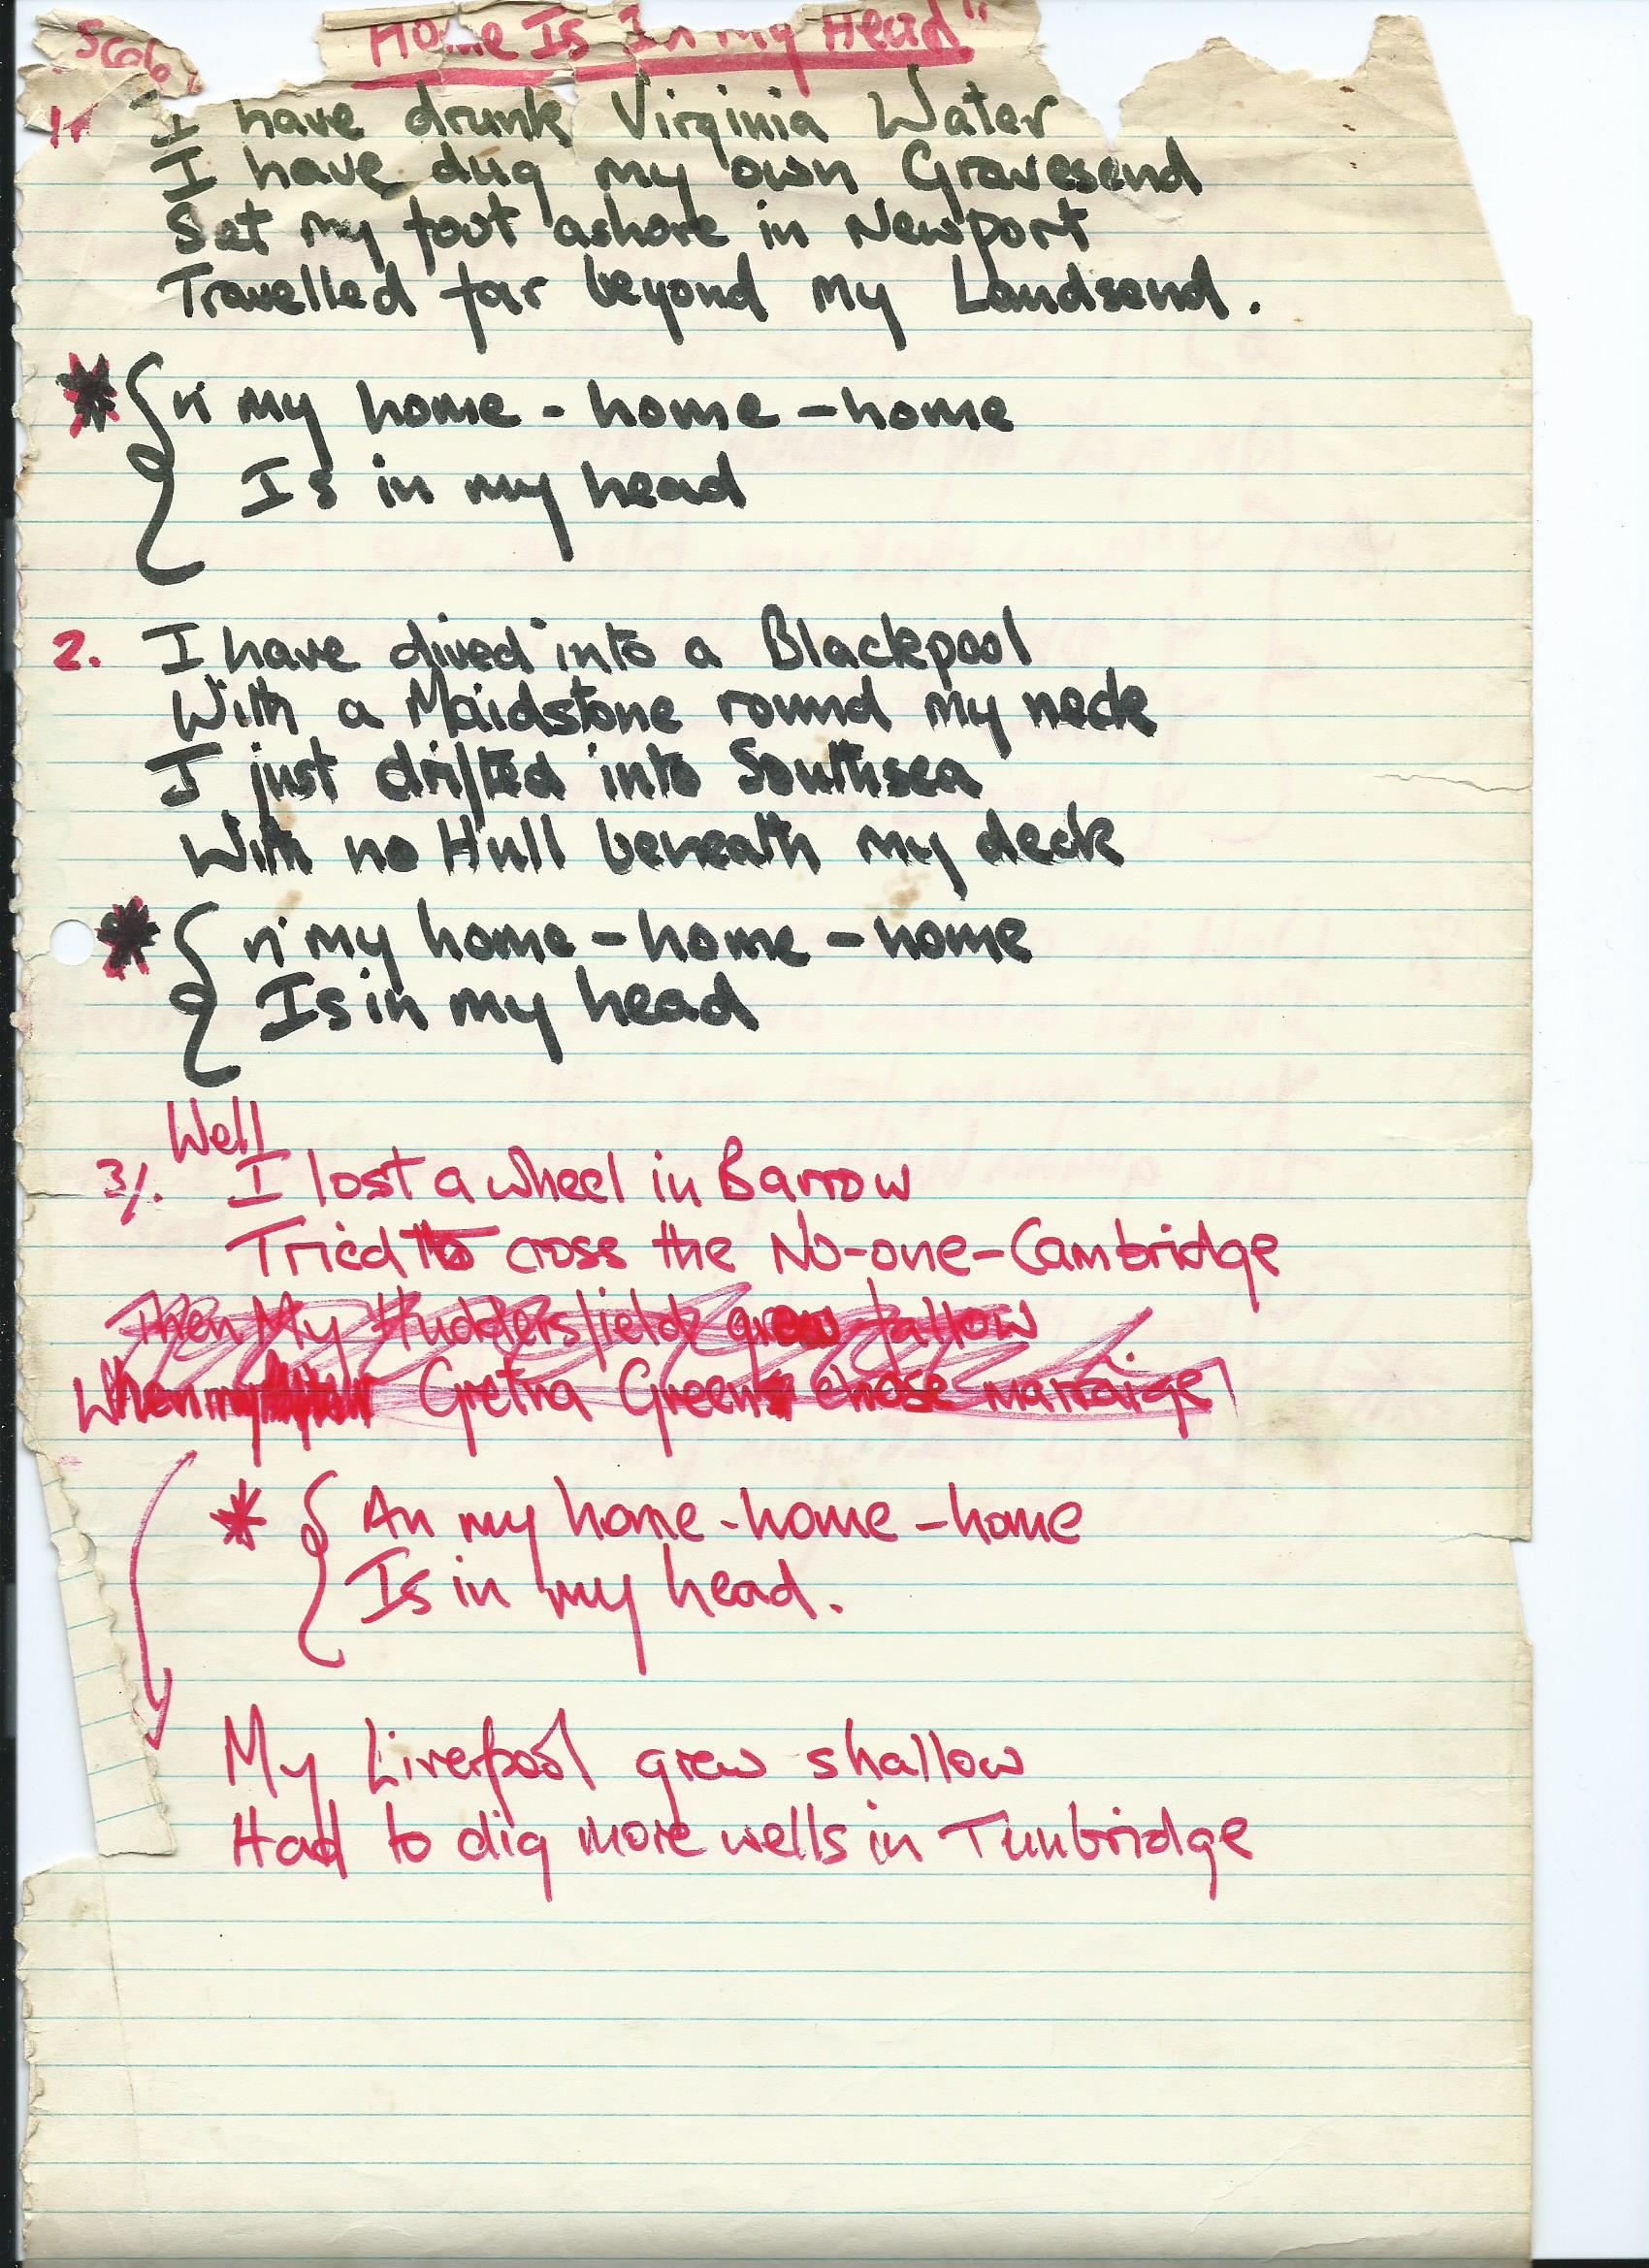 lover of mine lyrics